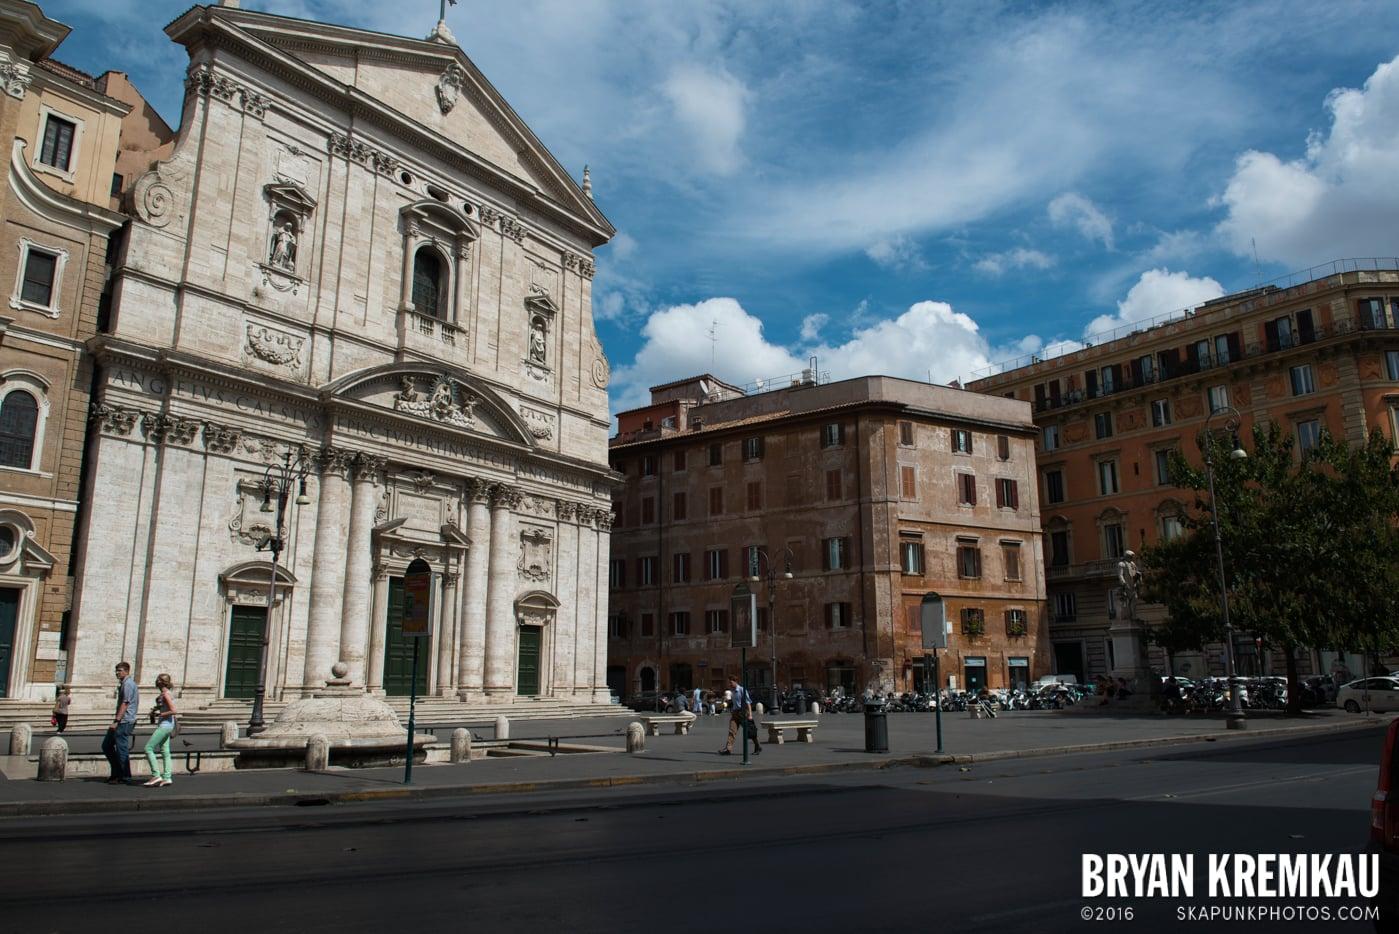 Italy Vacation - Day 1: Rome - 9.9.13 (46)